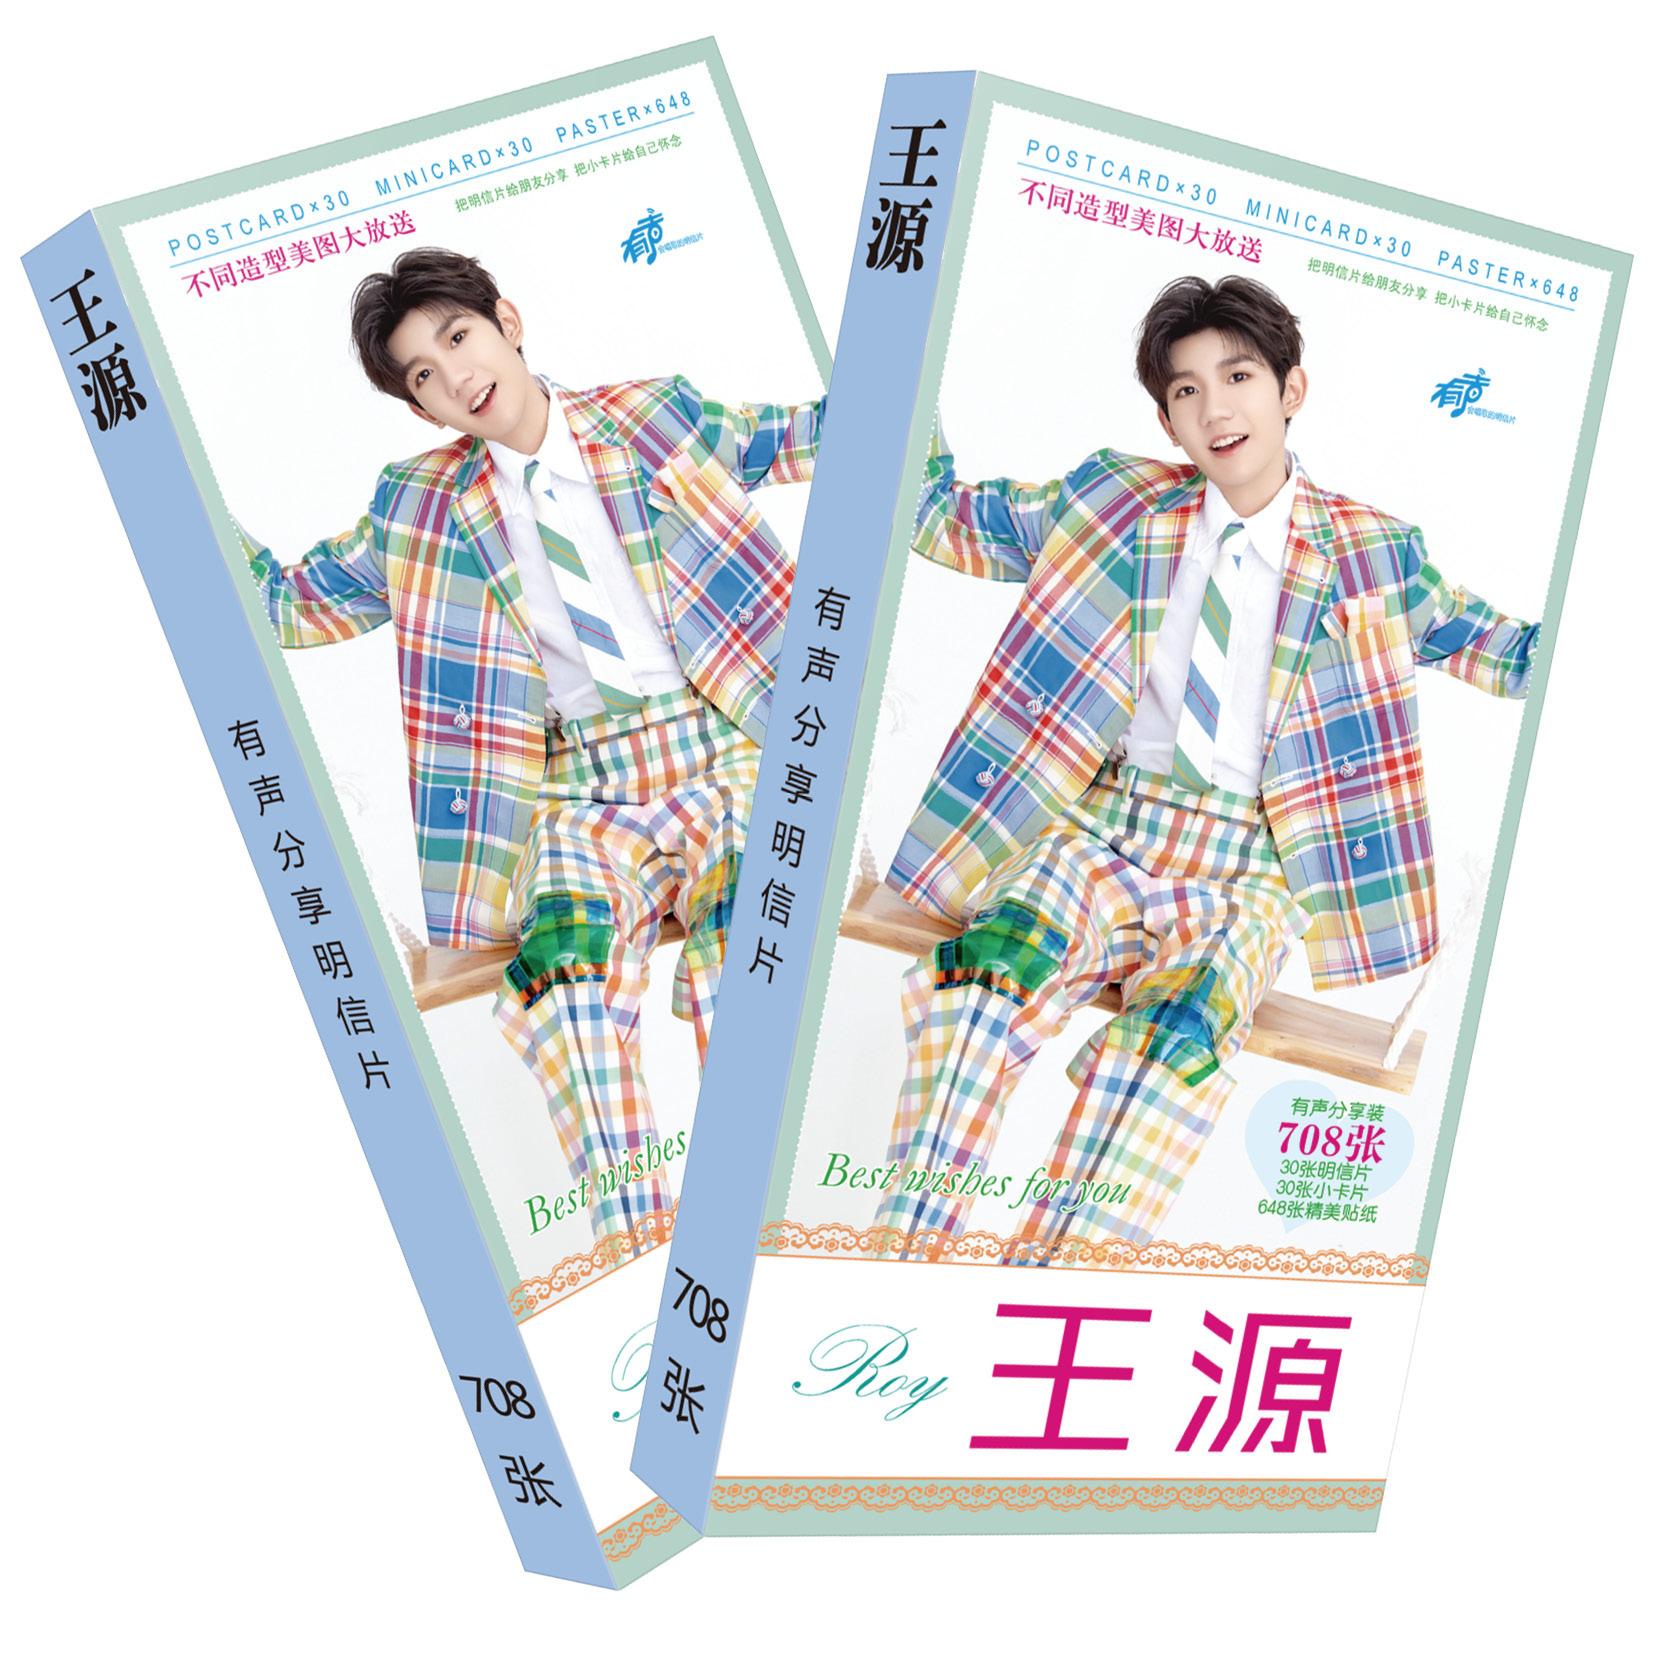 Hộp ảnh postcard Vương Nguyên Tfboys